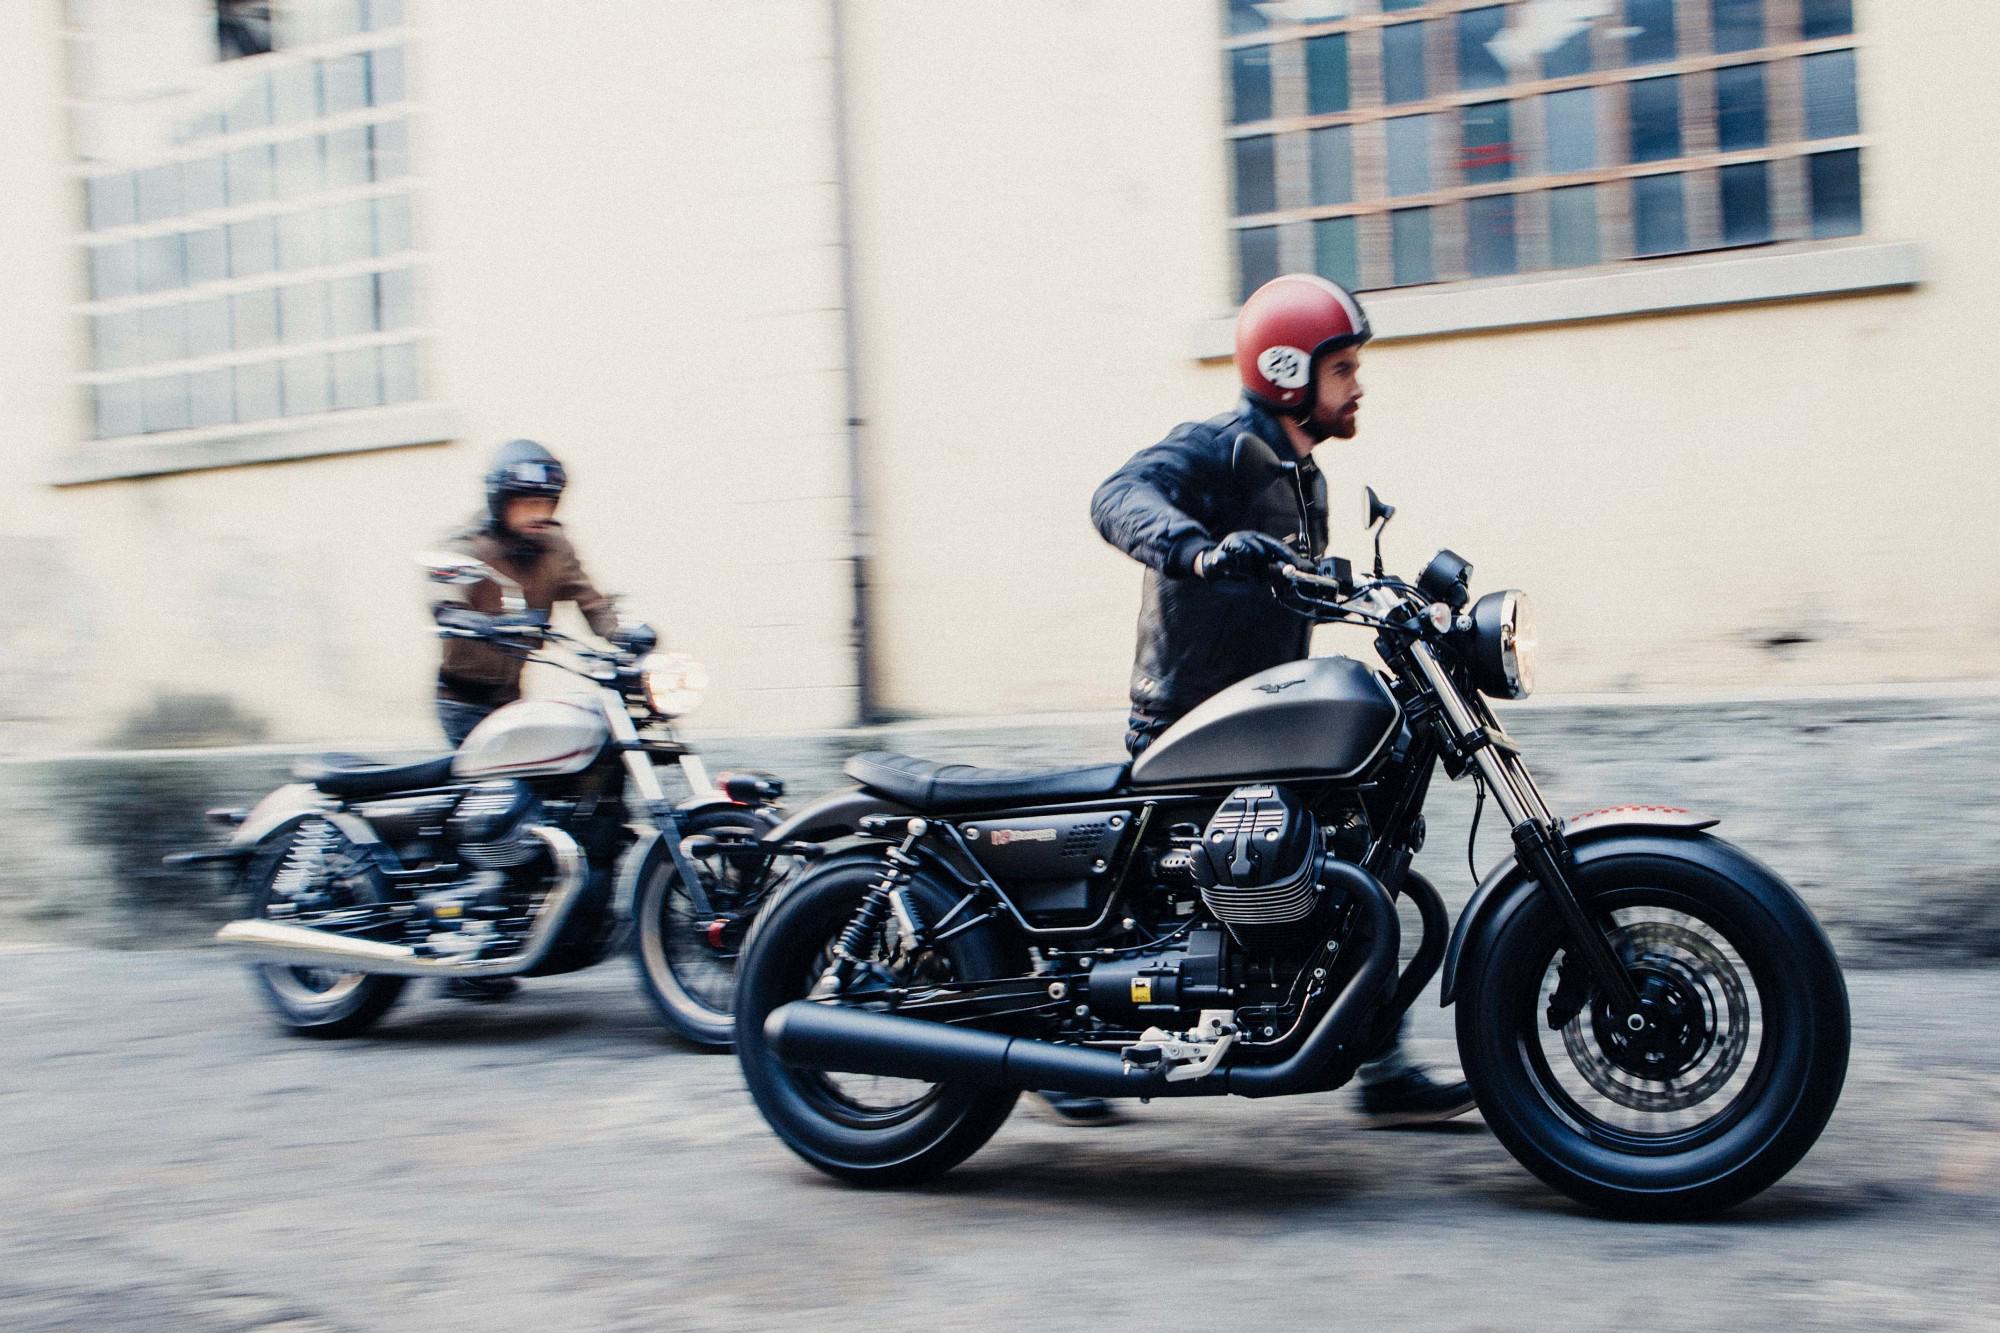 Moto Guzzi V Vs Ducati Scrambler